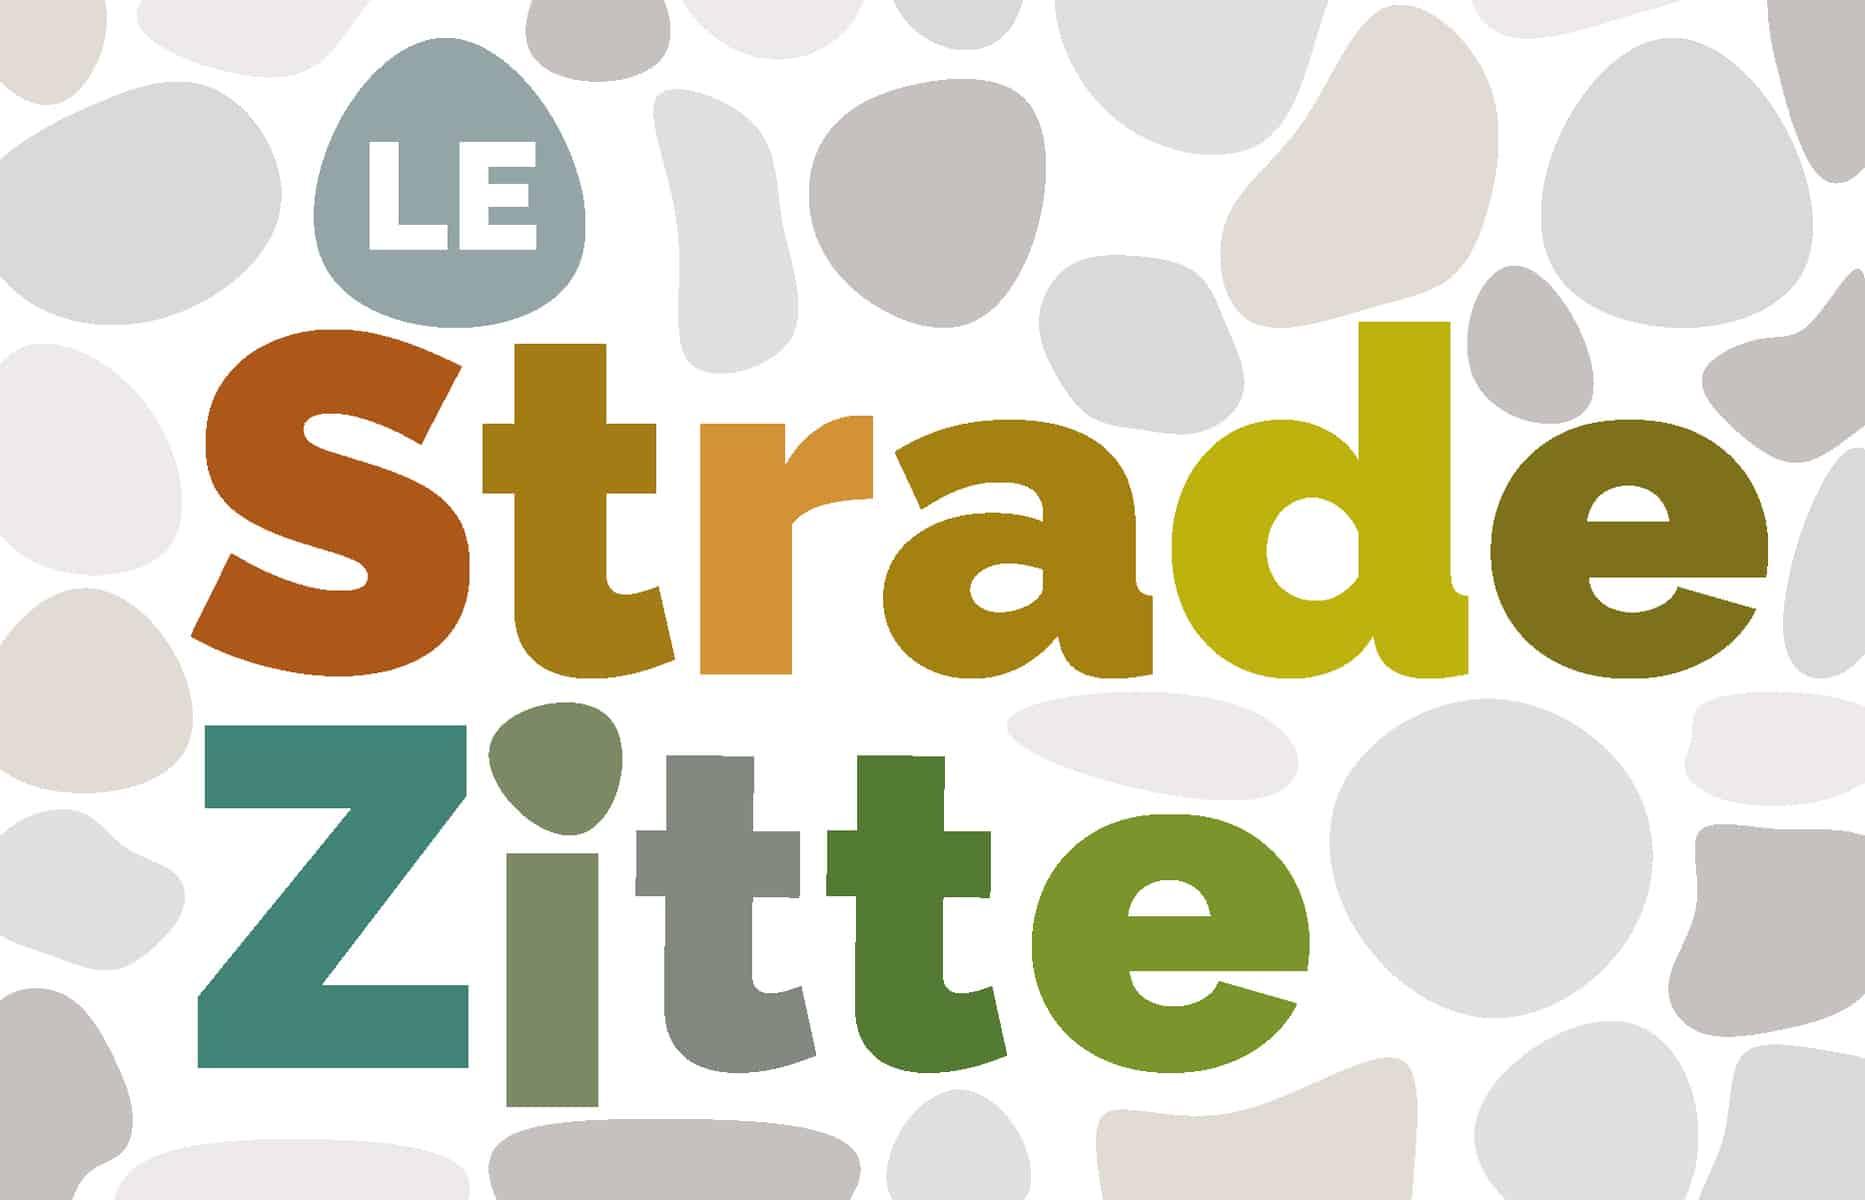 Le Strade Zitte pedalare in italia